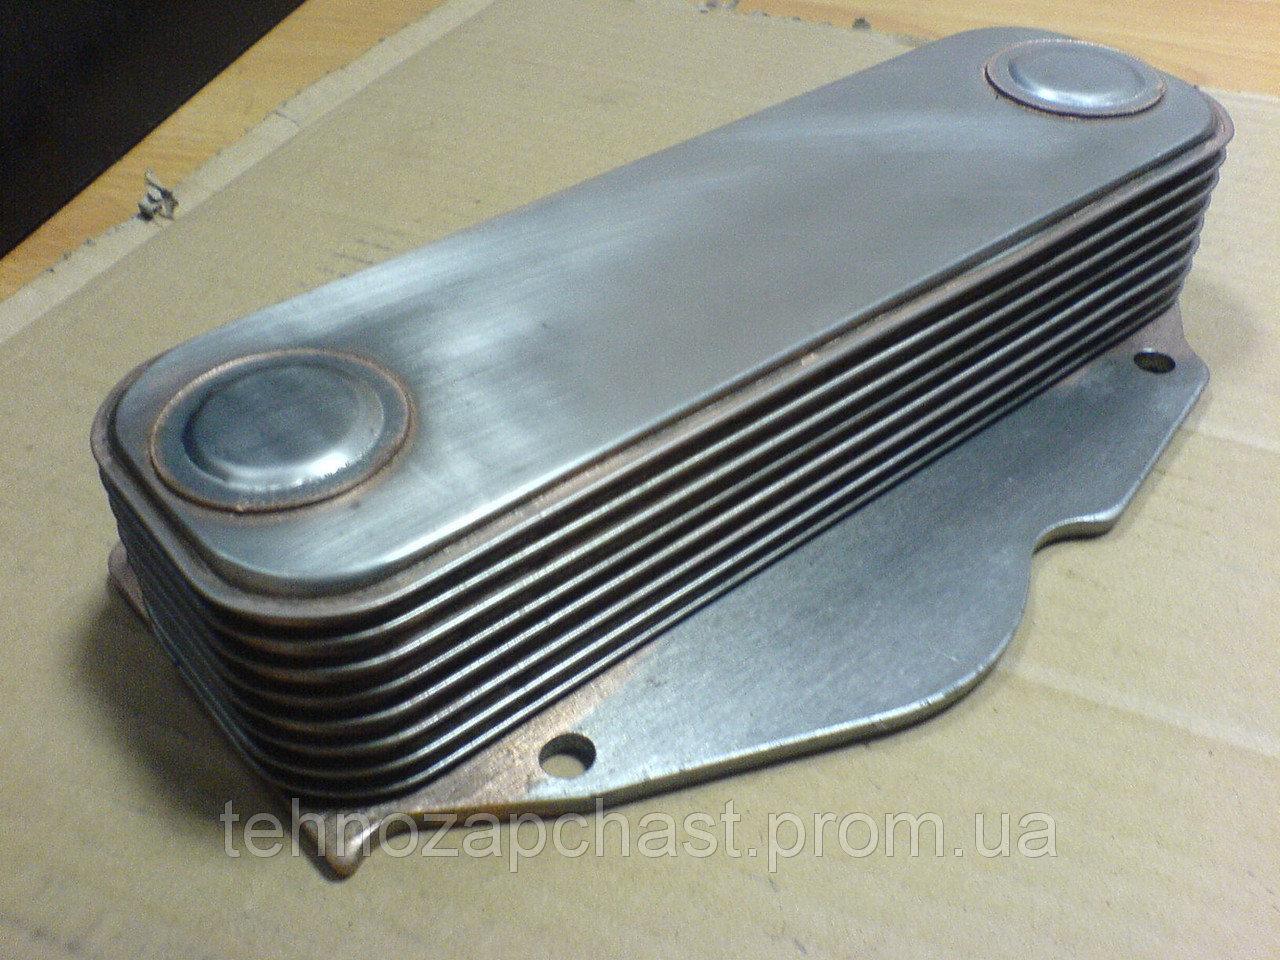 Радиатор масляный (теплообменник) WD615 (8 секций) 61500010334